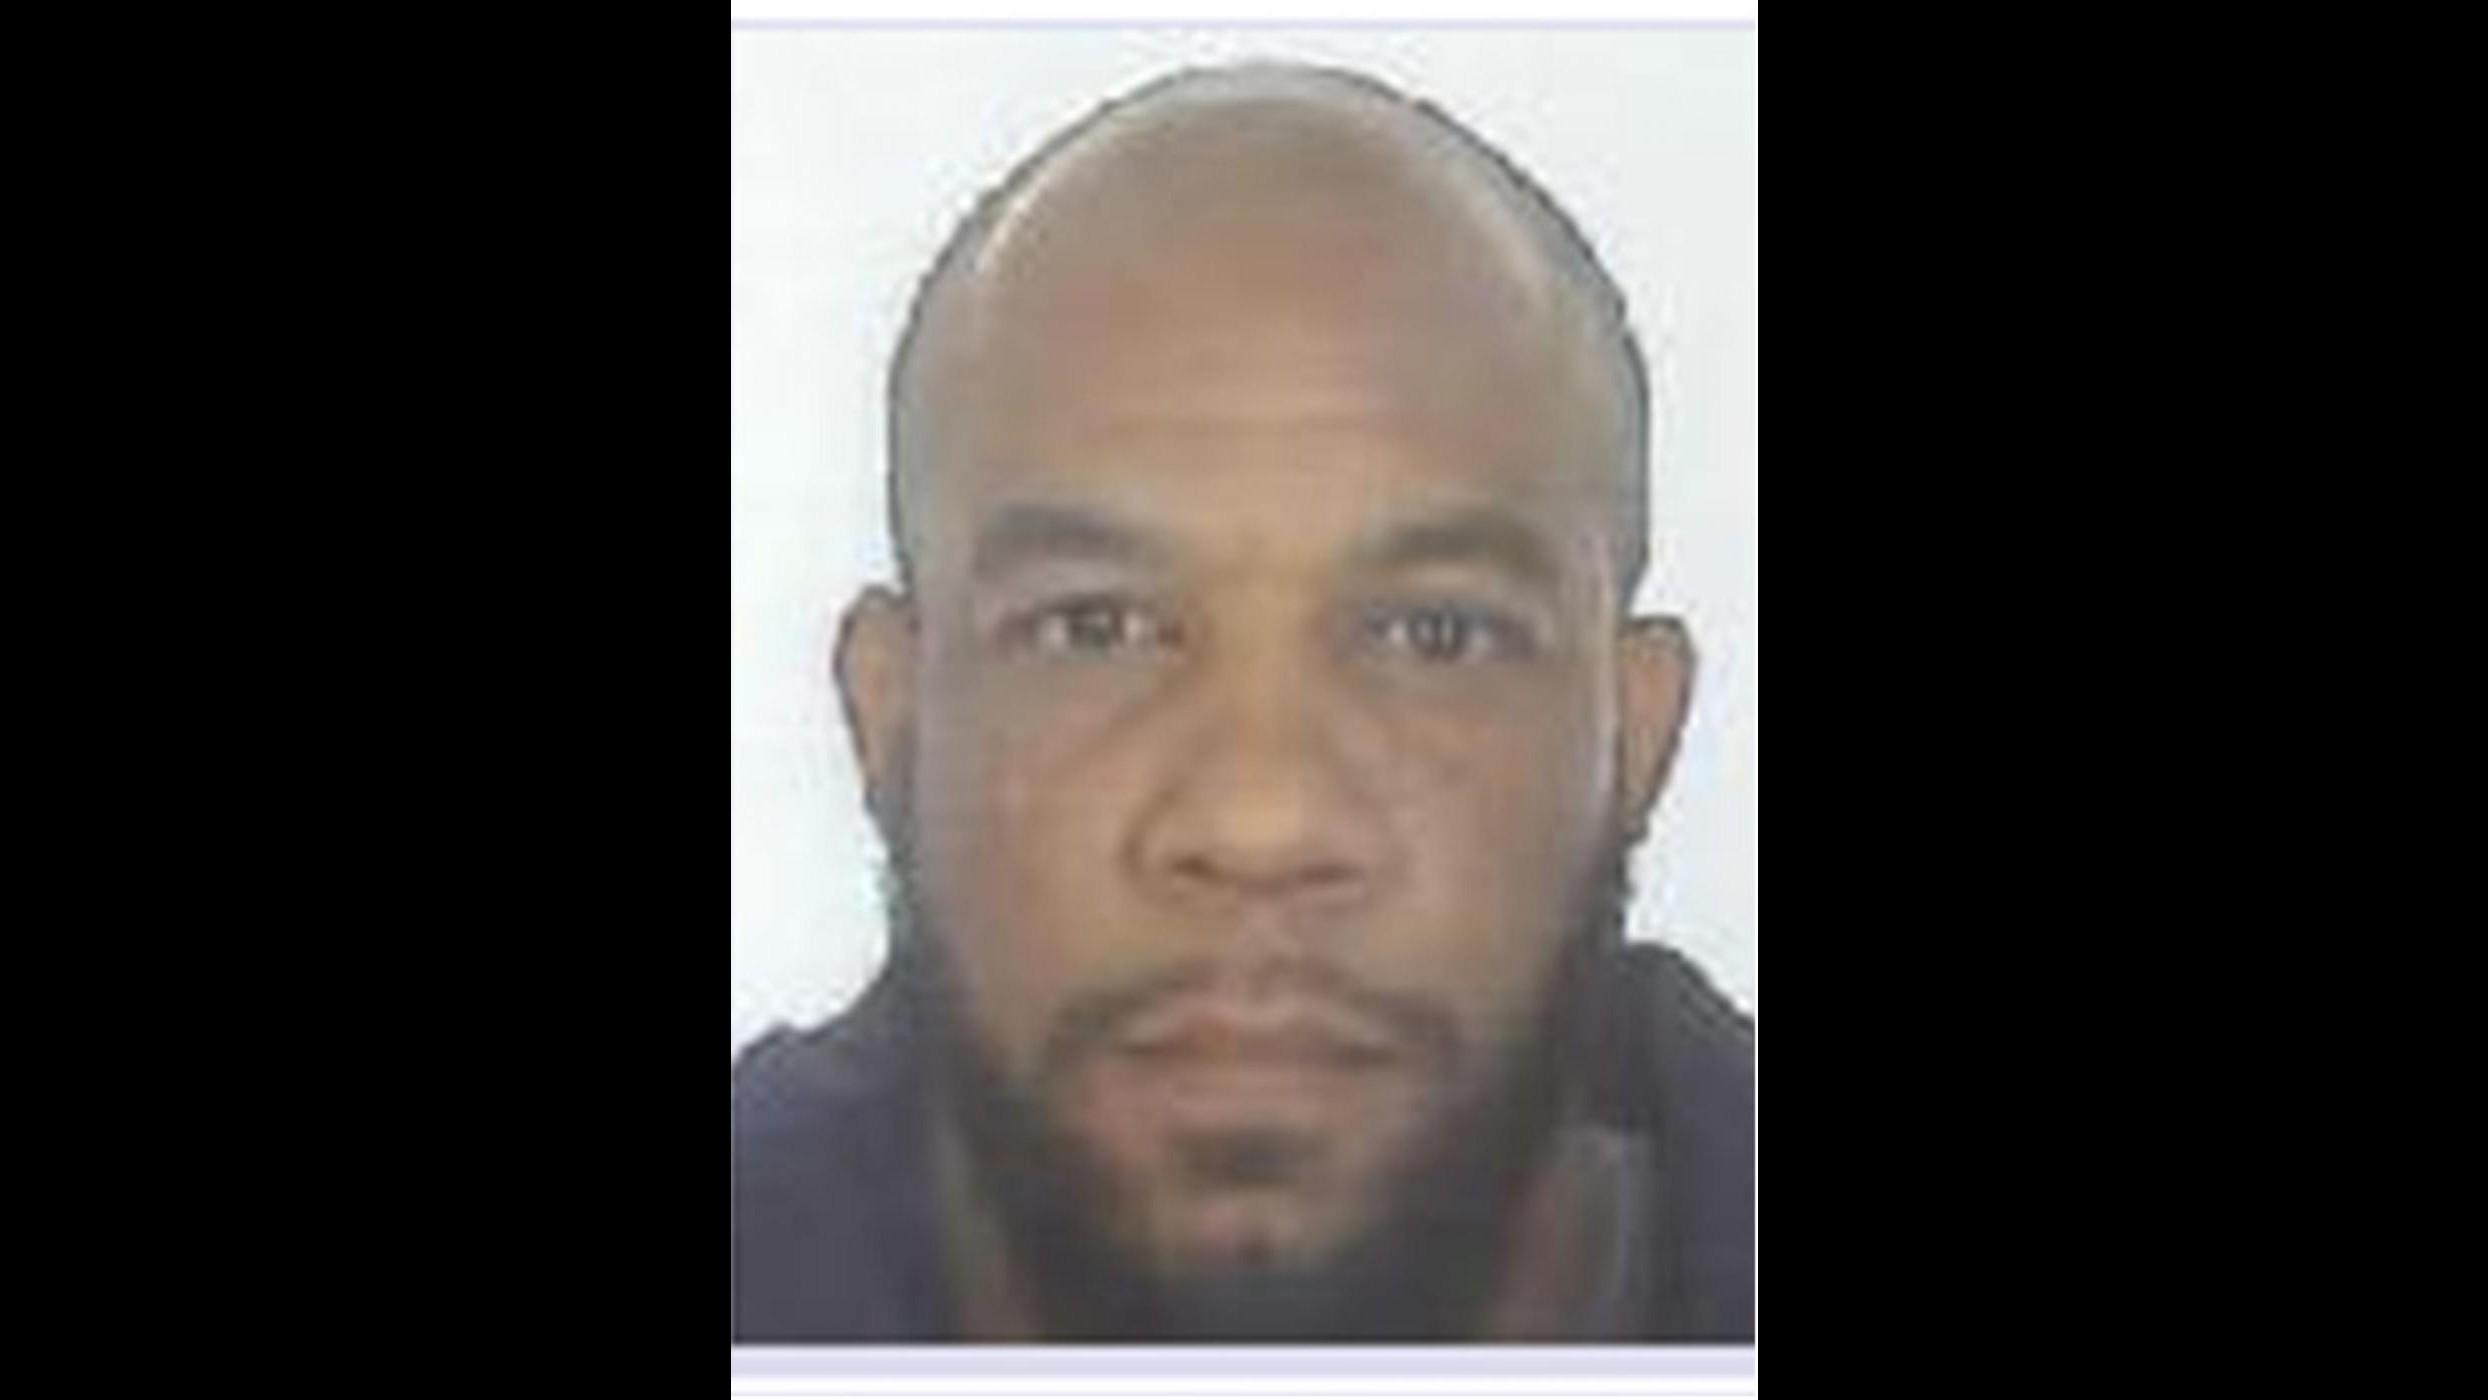 Londra, altri 2 arresti significativi. Il killer è Khalid Masood